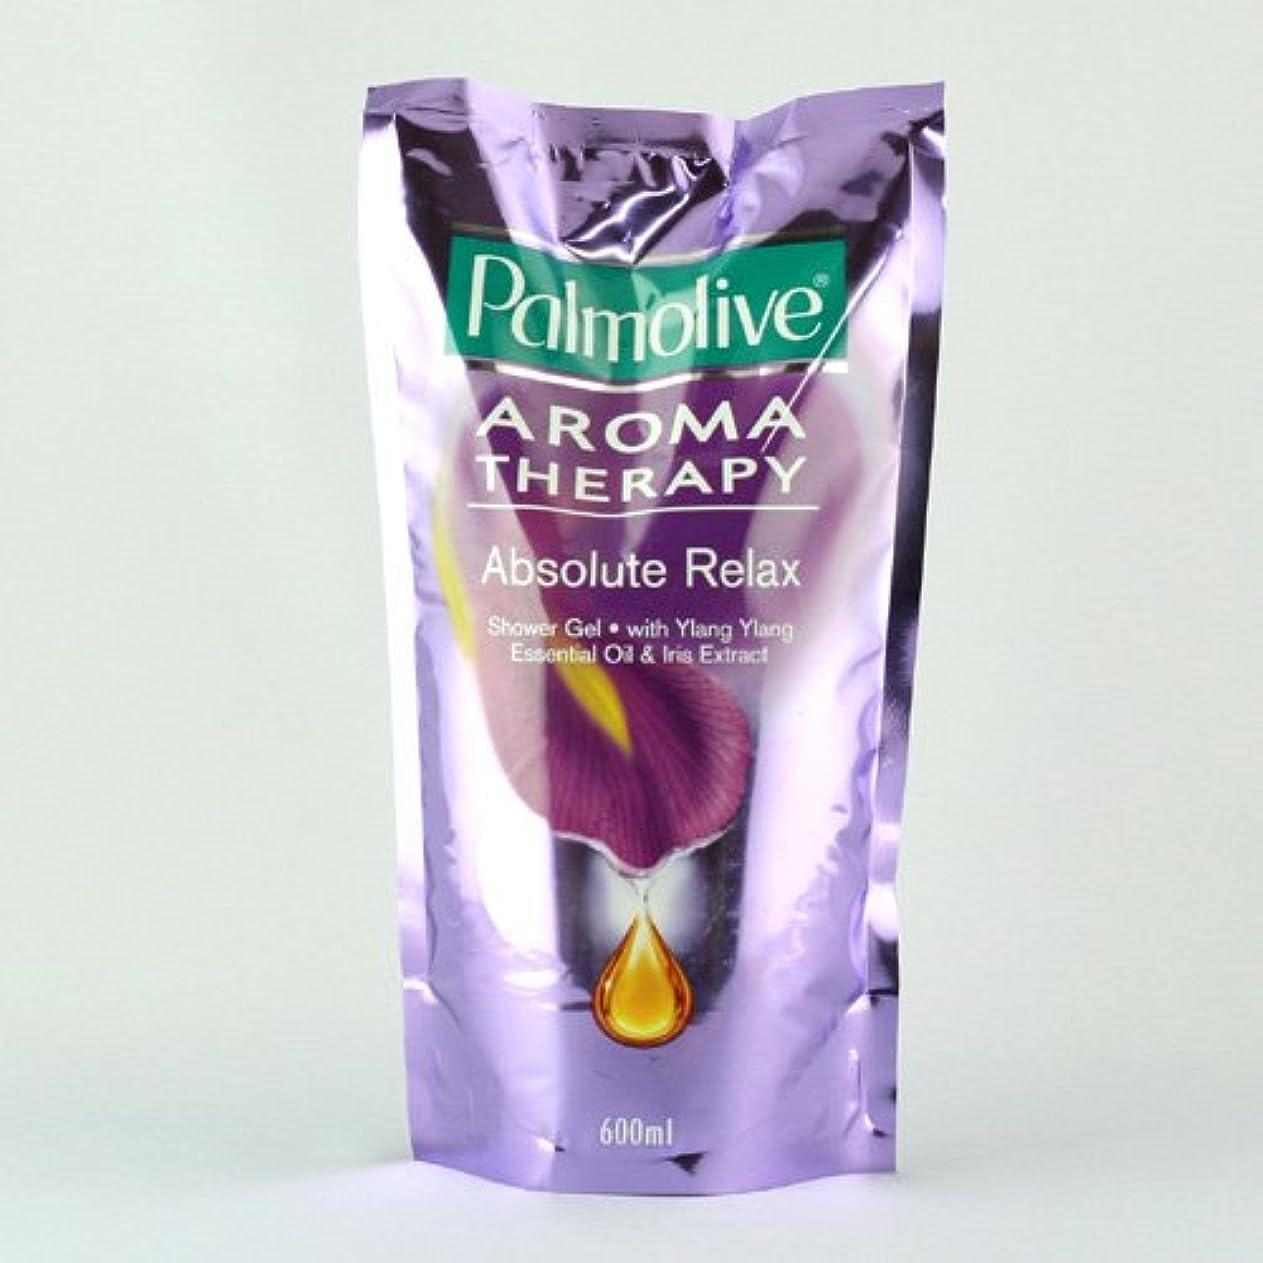 機動予測子サンダー【Palmolive】パルモリーブ シャワージェル詰め替え用(アブスルートリラックス) 600ml / 25oz